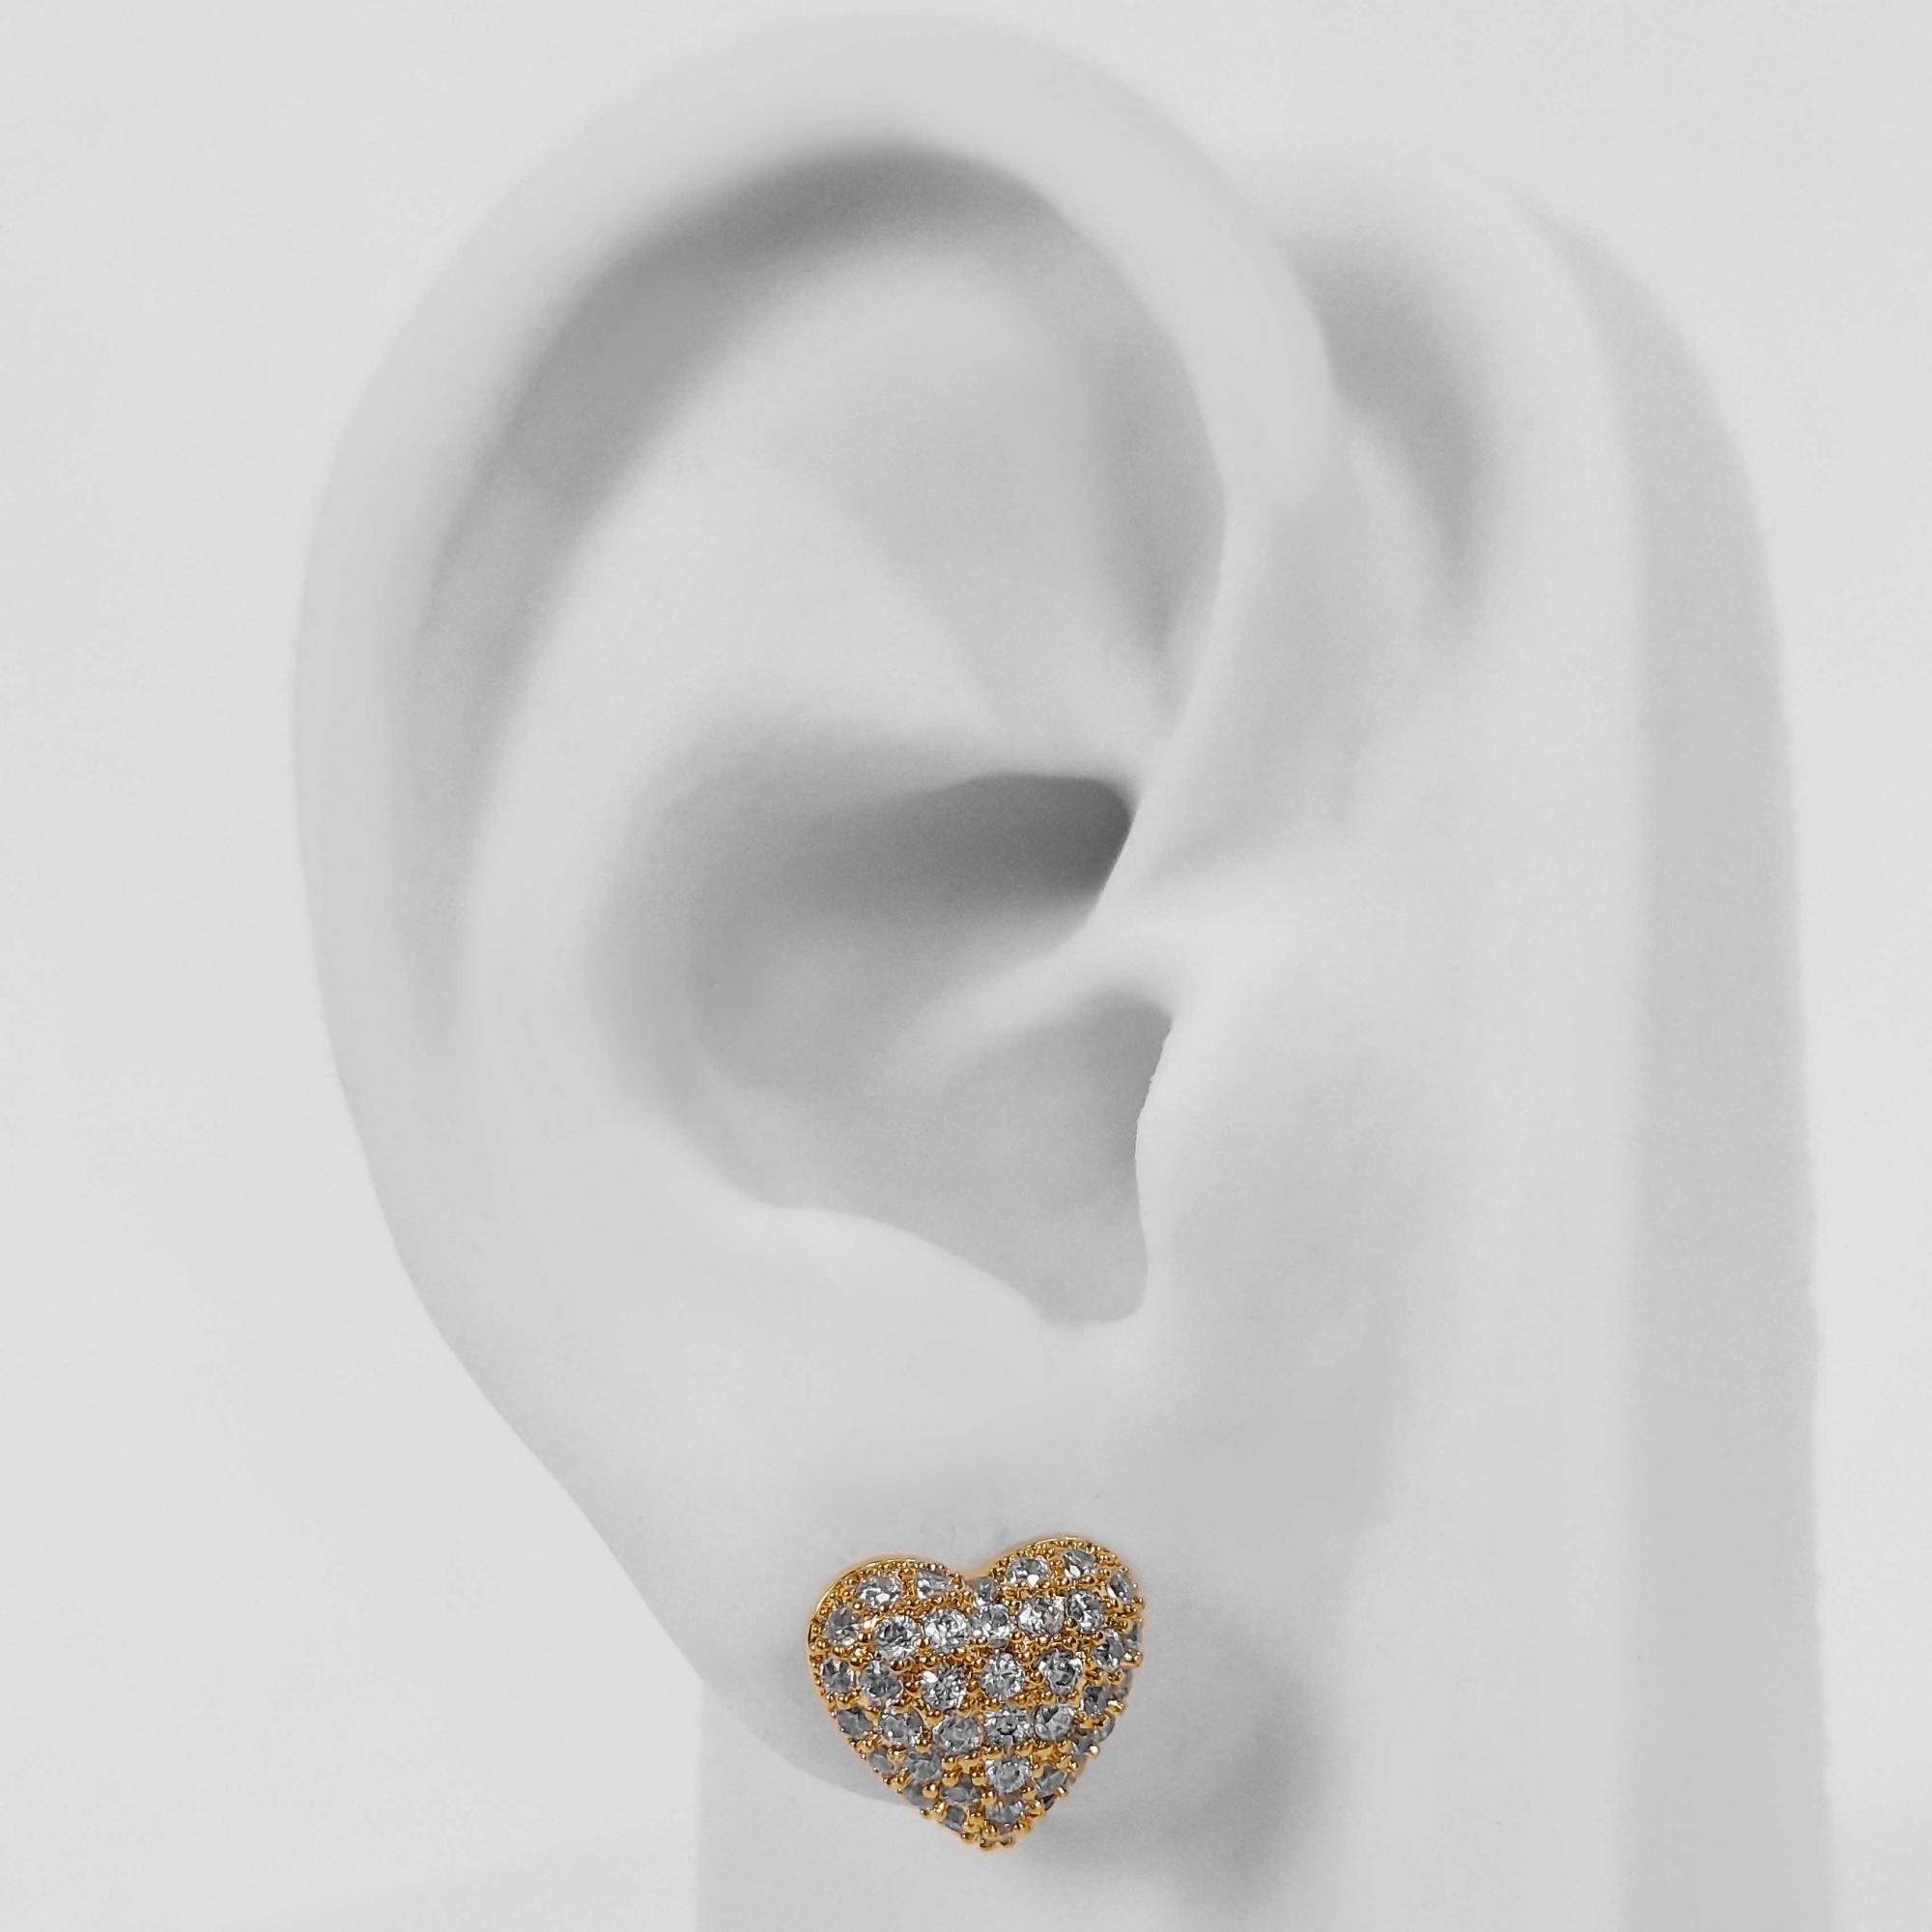 Brinco Pequeno Coração Cristal Cravejado Folheado a Ouro 18k  - Lunozê Joias